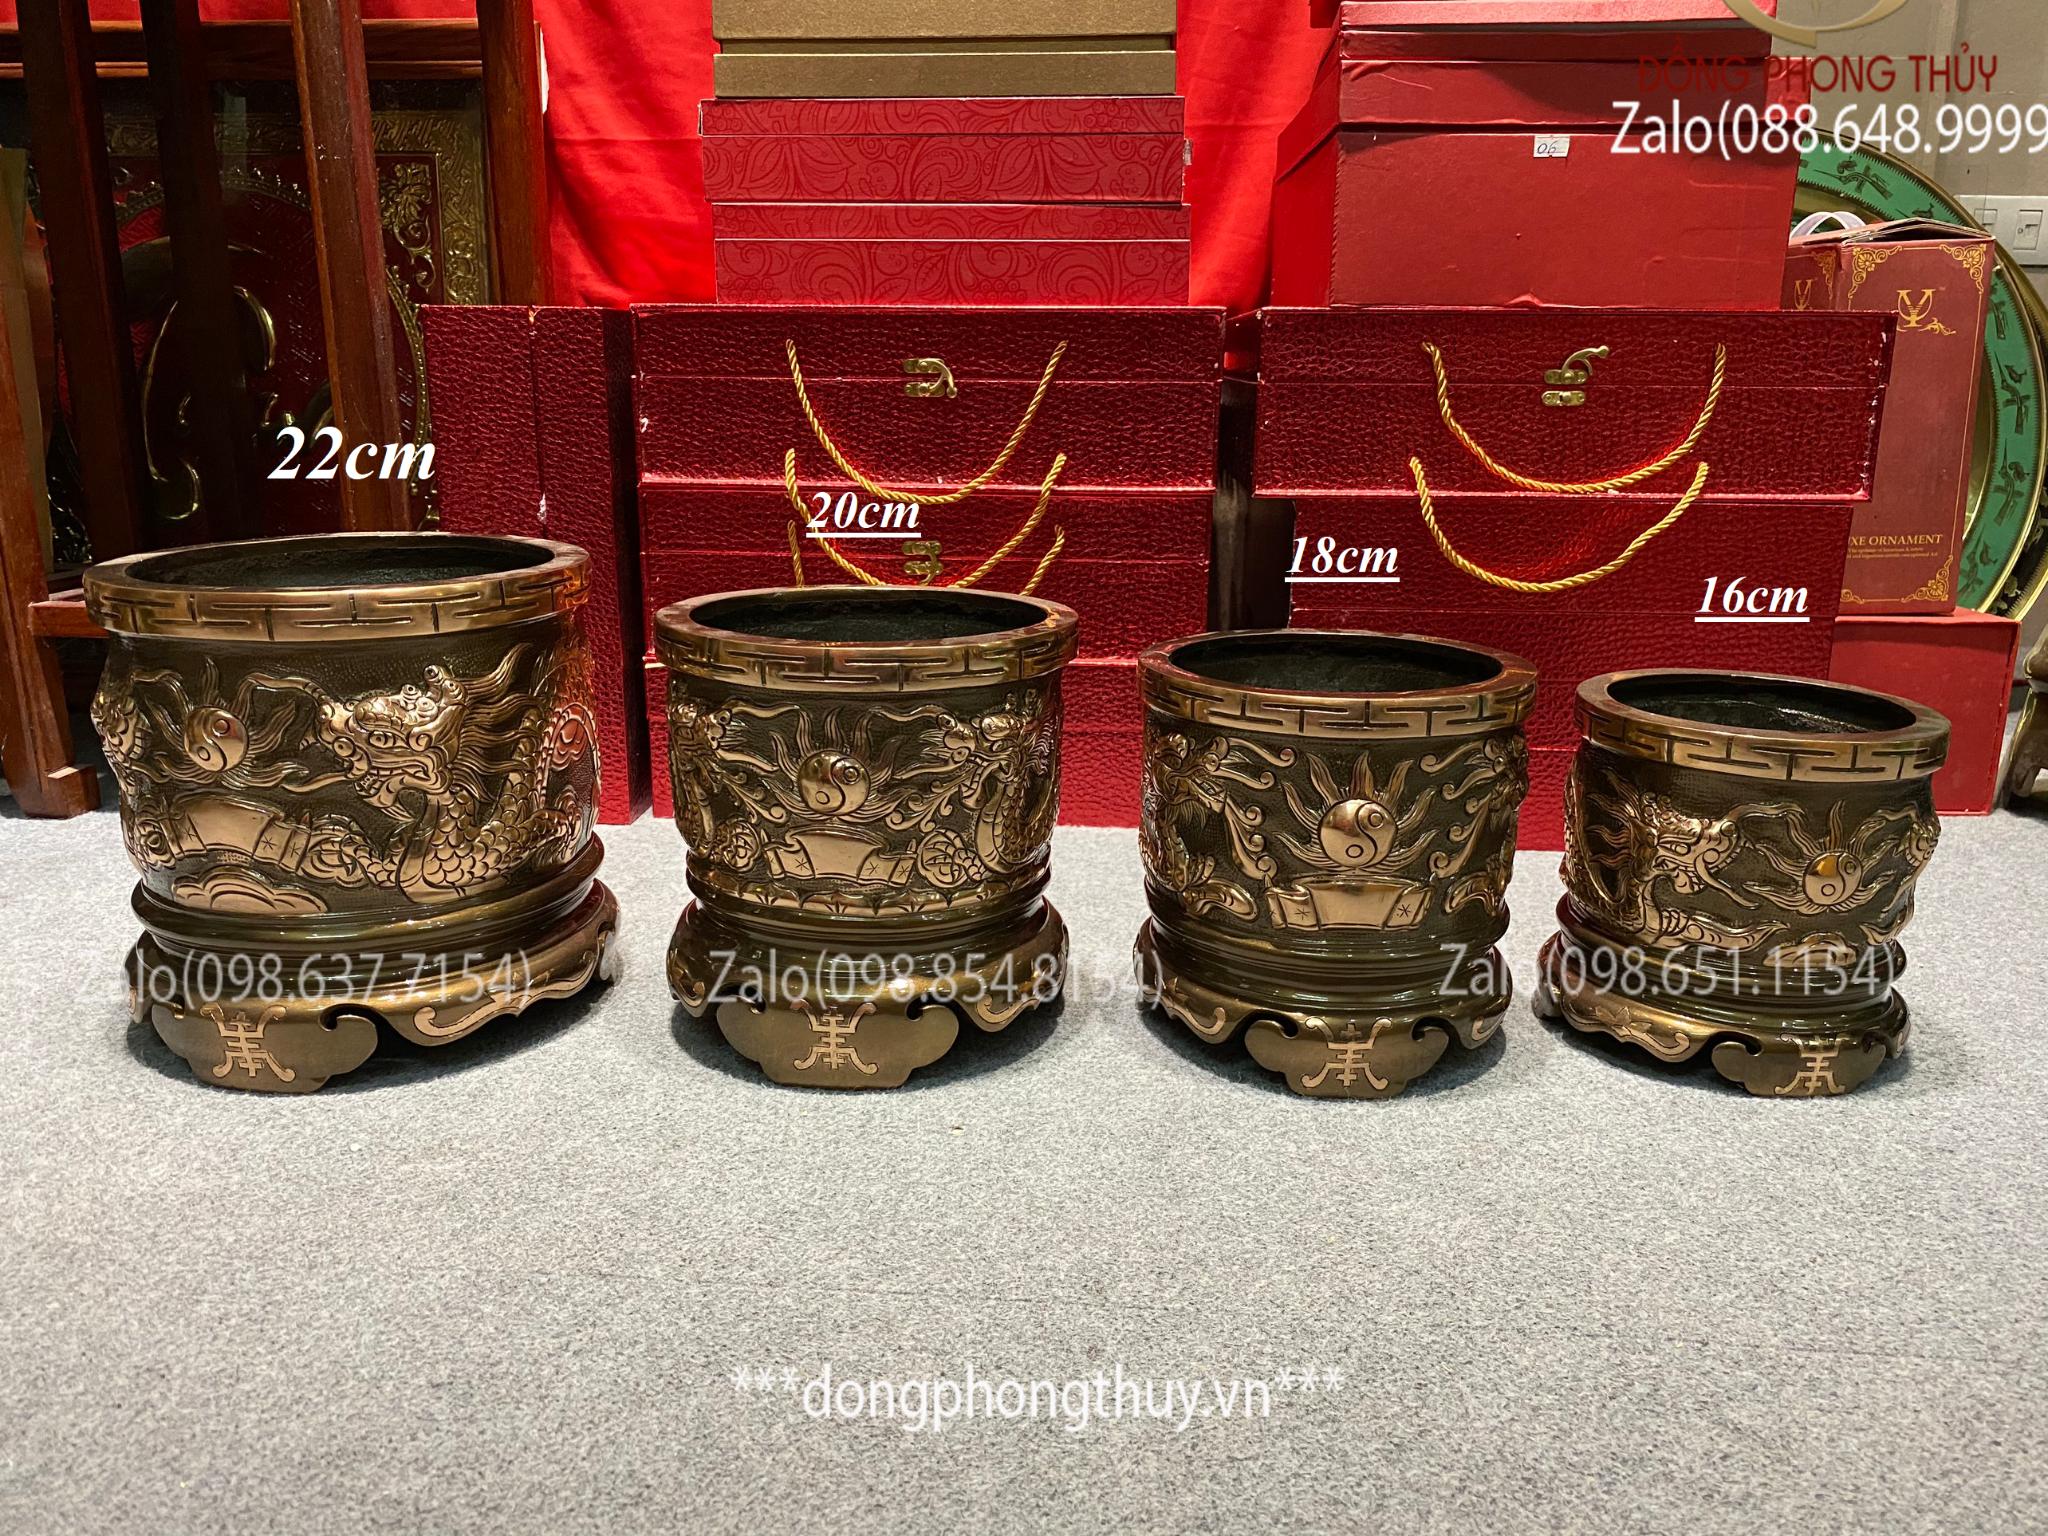 Bát hương đồng - Giá bát hương đồng đỏ đường kính 16cm